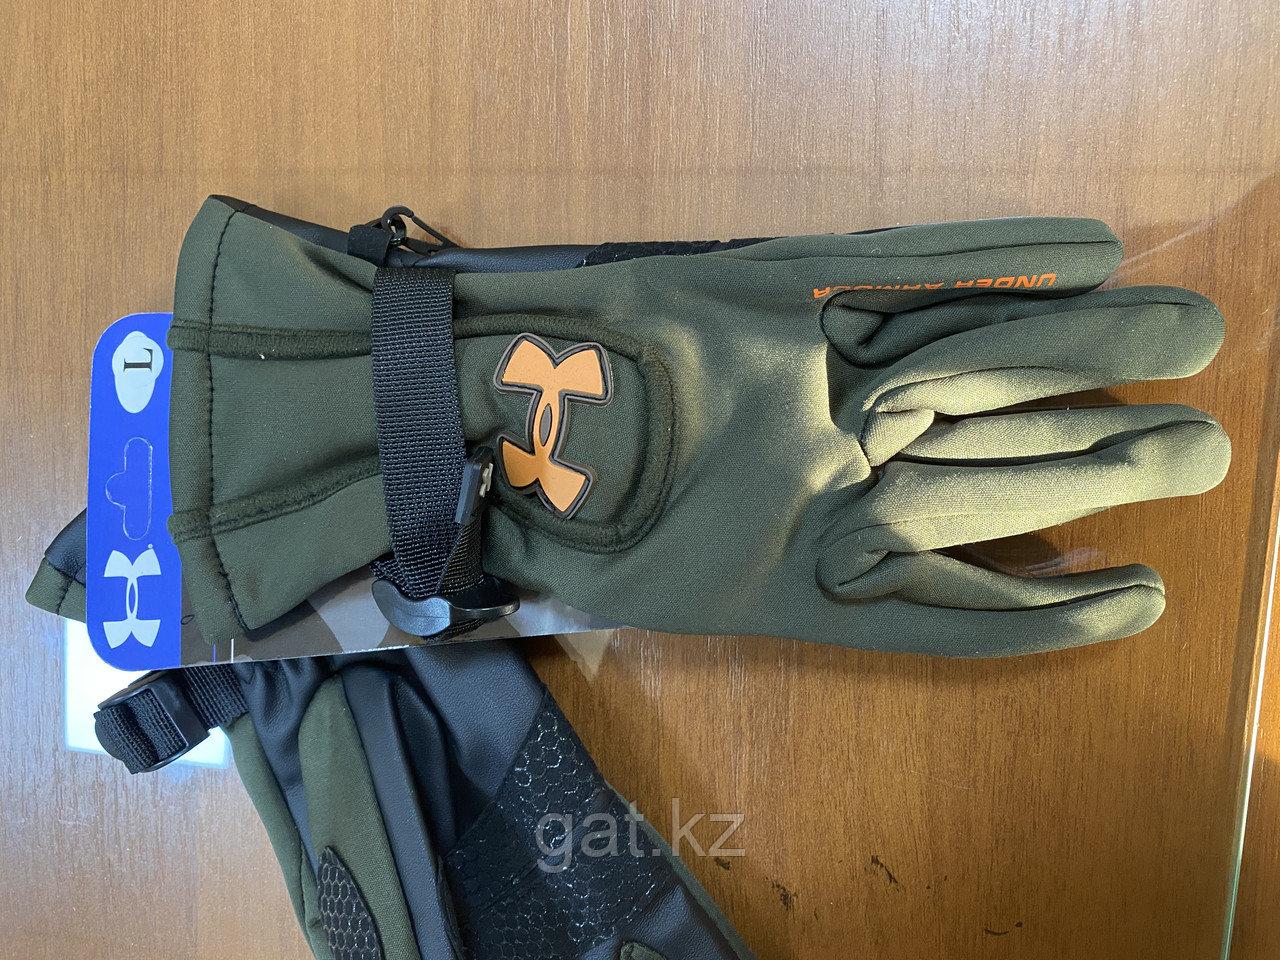 Тактический термо перчатки - фото 3